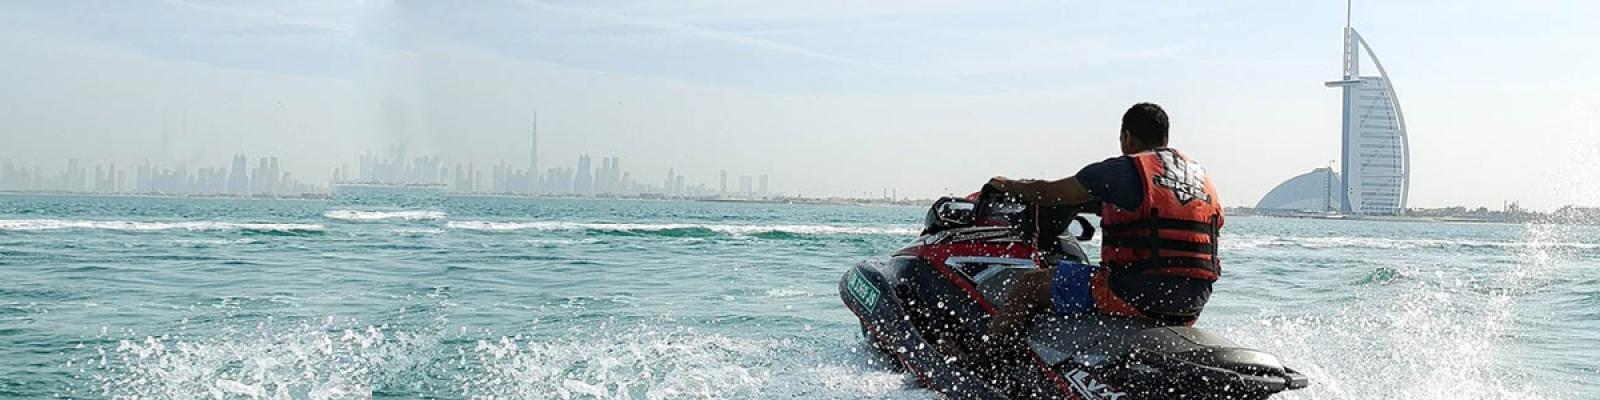 jet ski near burj al arab, jet ski burj al arab, jet ski burj al arab tour